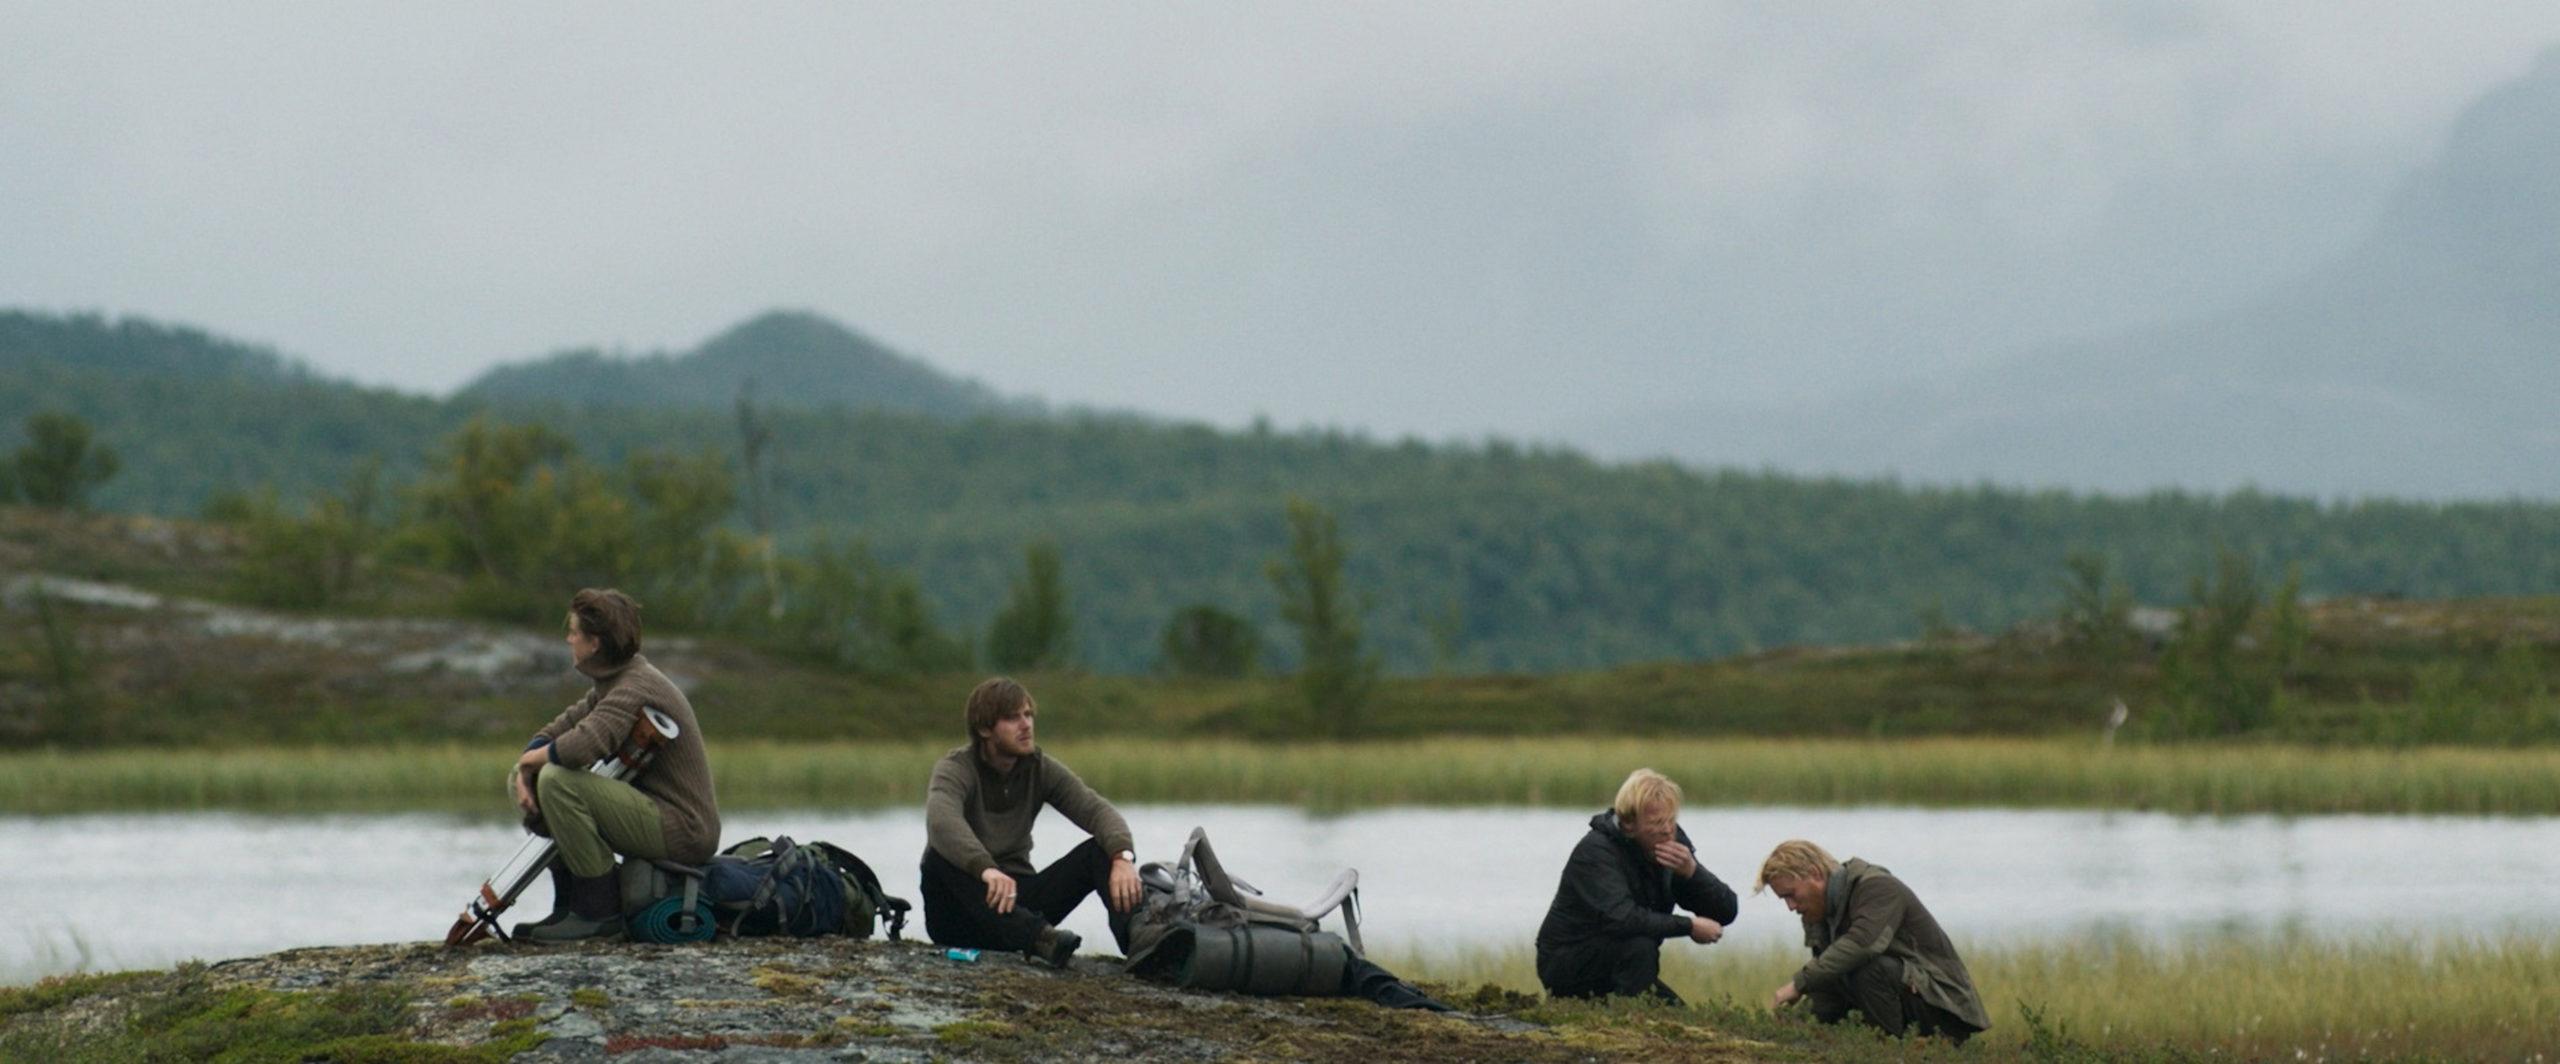 Scene uit Beyond sleep, vier kampeerders aan een meer